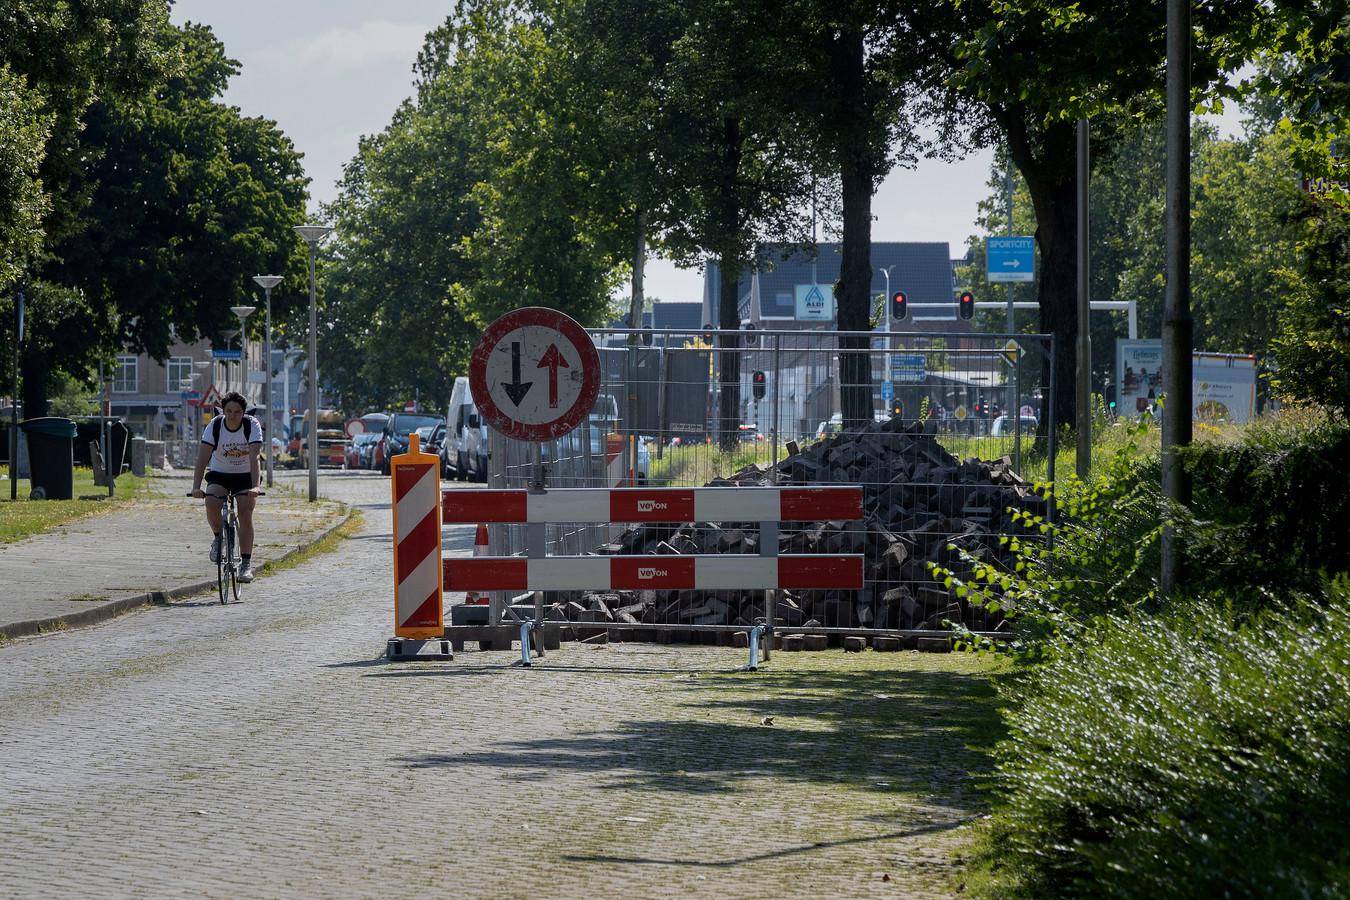 In opdracht van de gemeente Eindhoven is maandag 19 juli begonnen met de herinrichting van het zuidelijk deel van de Alberdingk Thijmlaan en de ventwegen van de Boutenslaan.